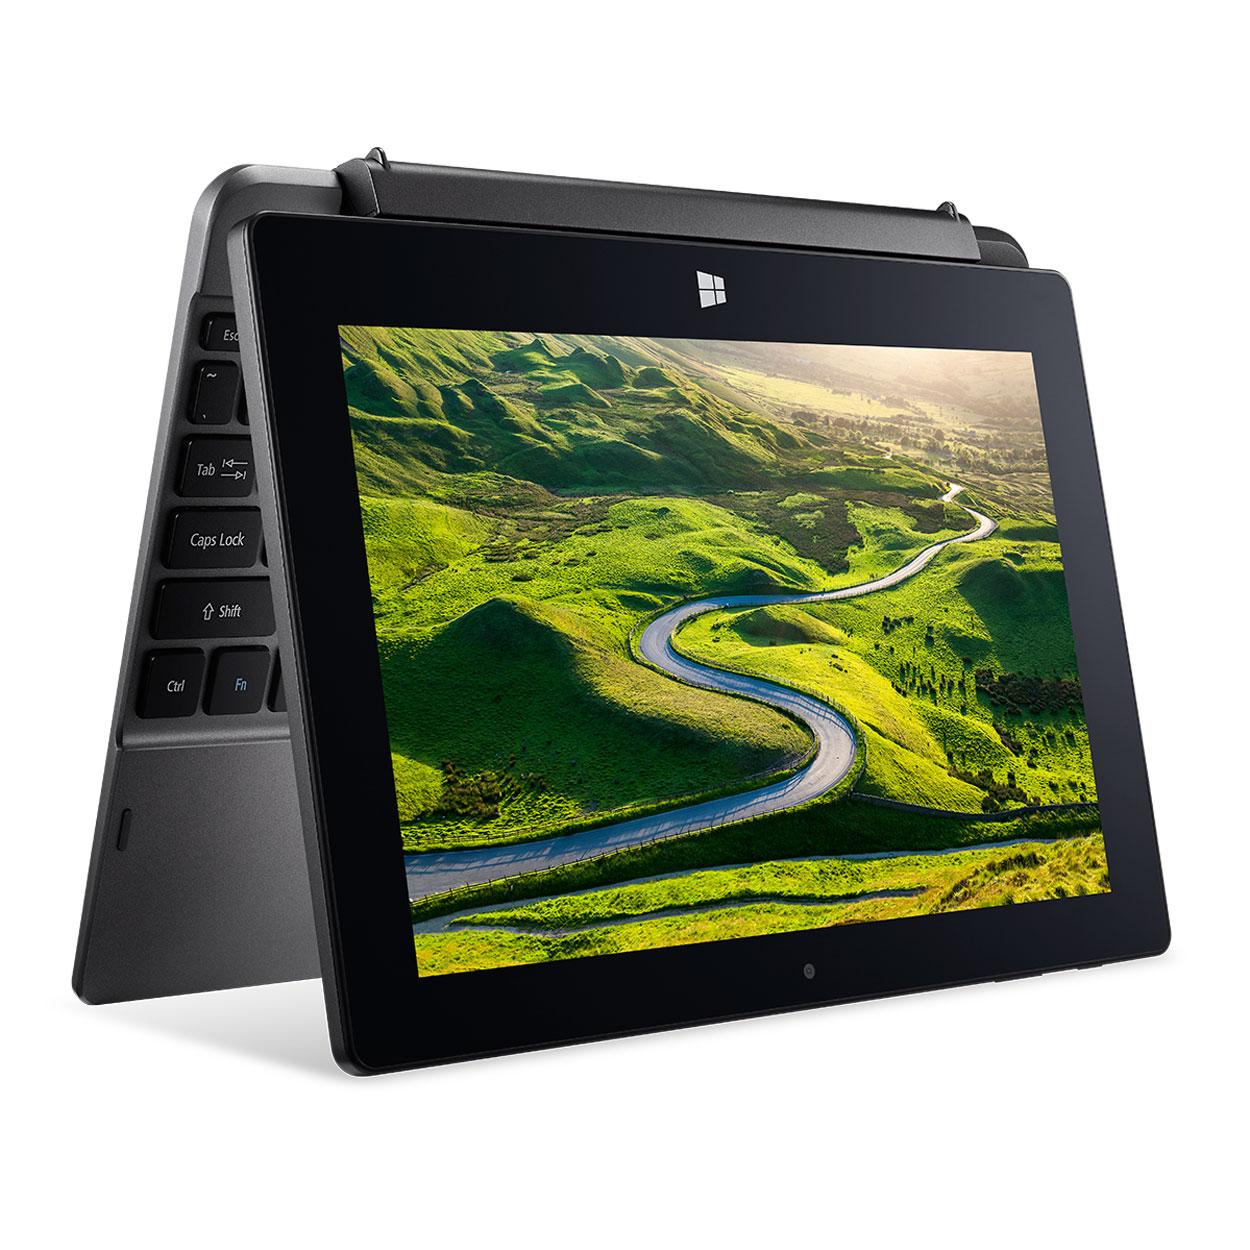 302afa7e68cbd8 Acer Aspire One 10 SW1-011 Tablette Internet - Intel Atom x5-Z8300 2 Go  eMMC 64 Go 10.1